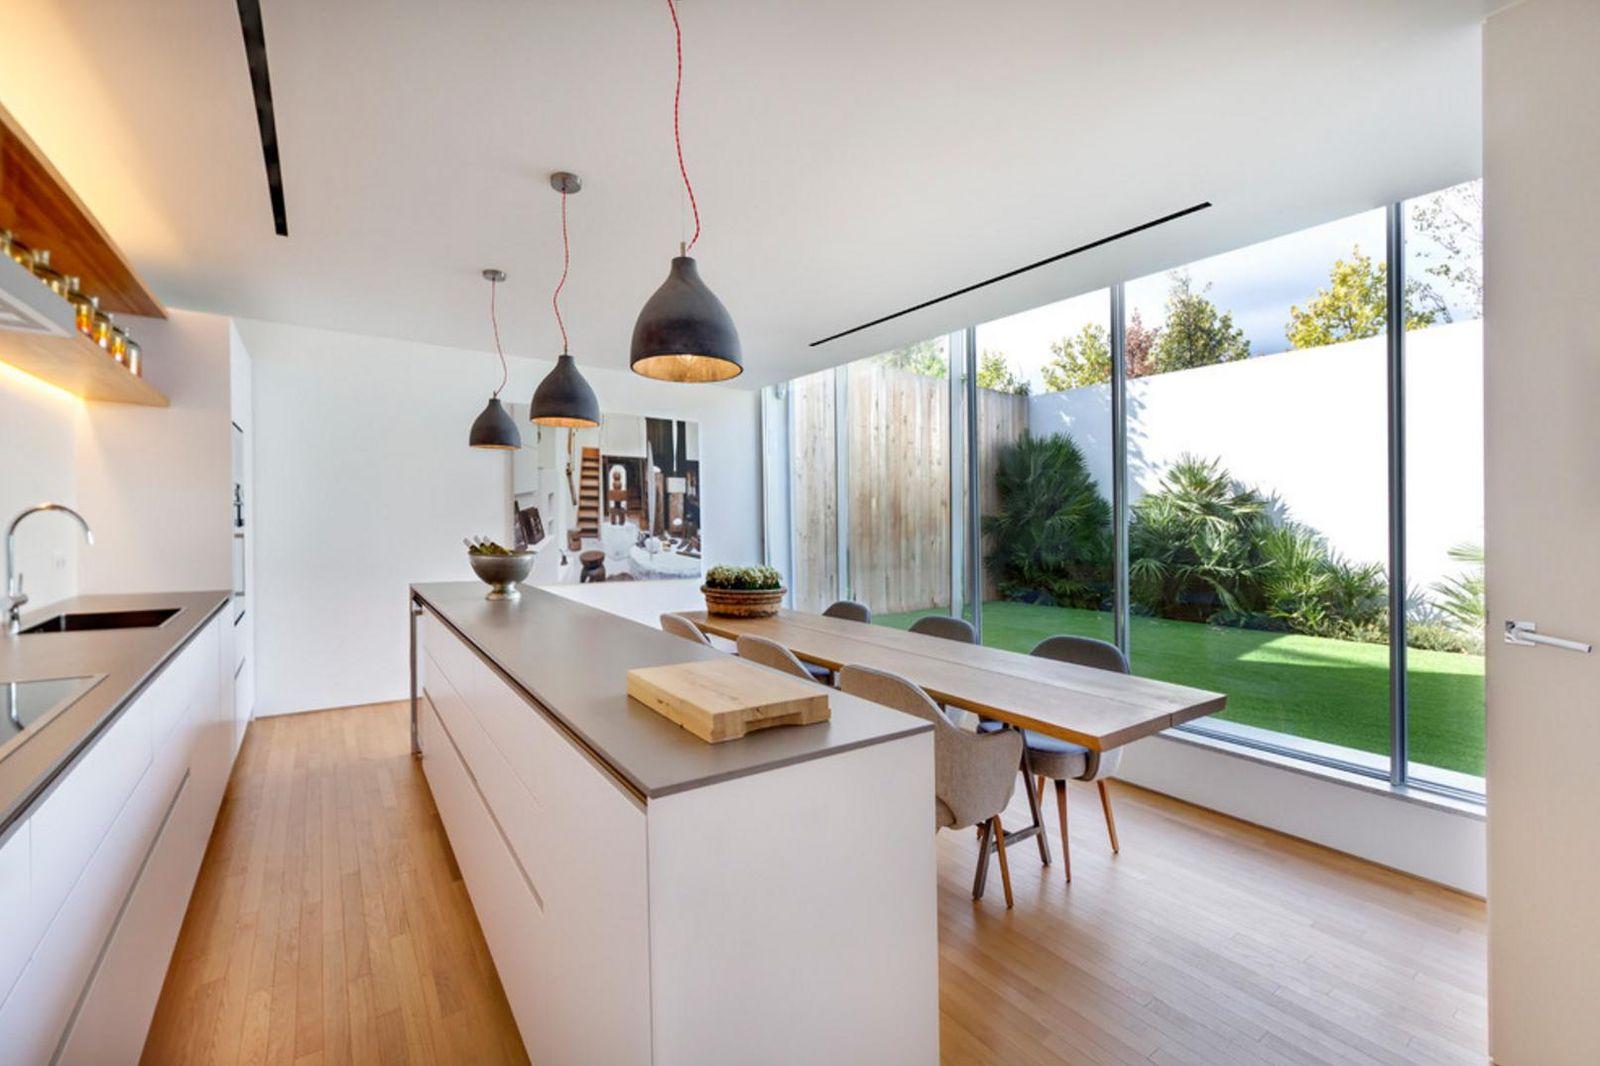 Decoraci n cocinas abiertas al exterior ocho ideas de - Iluminacion para cocina comedor ...